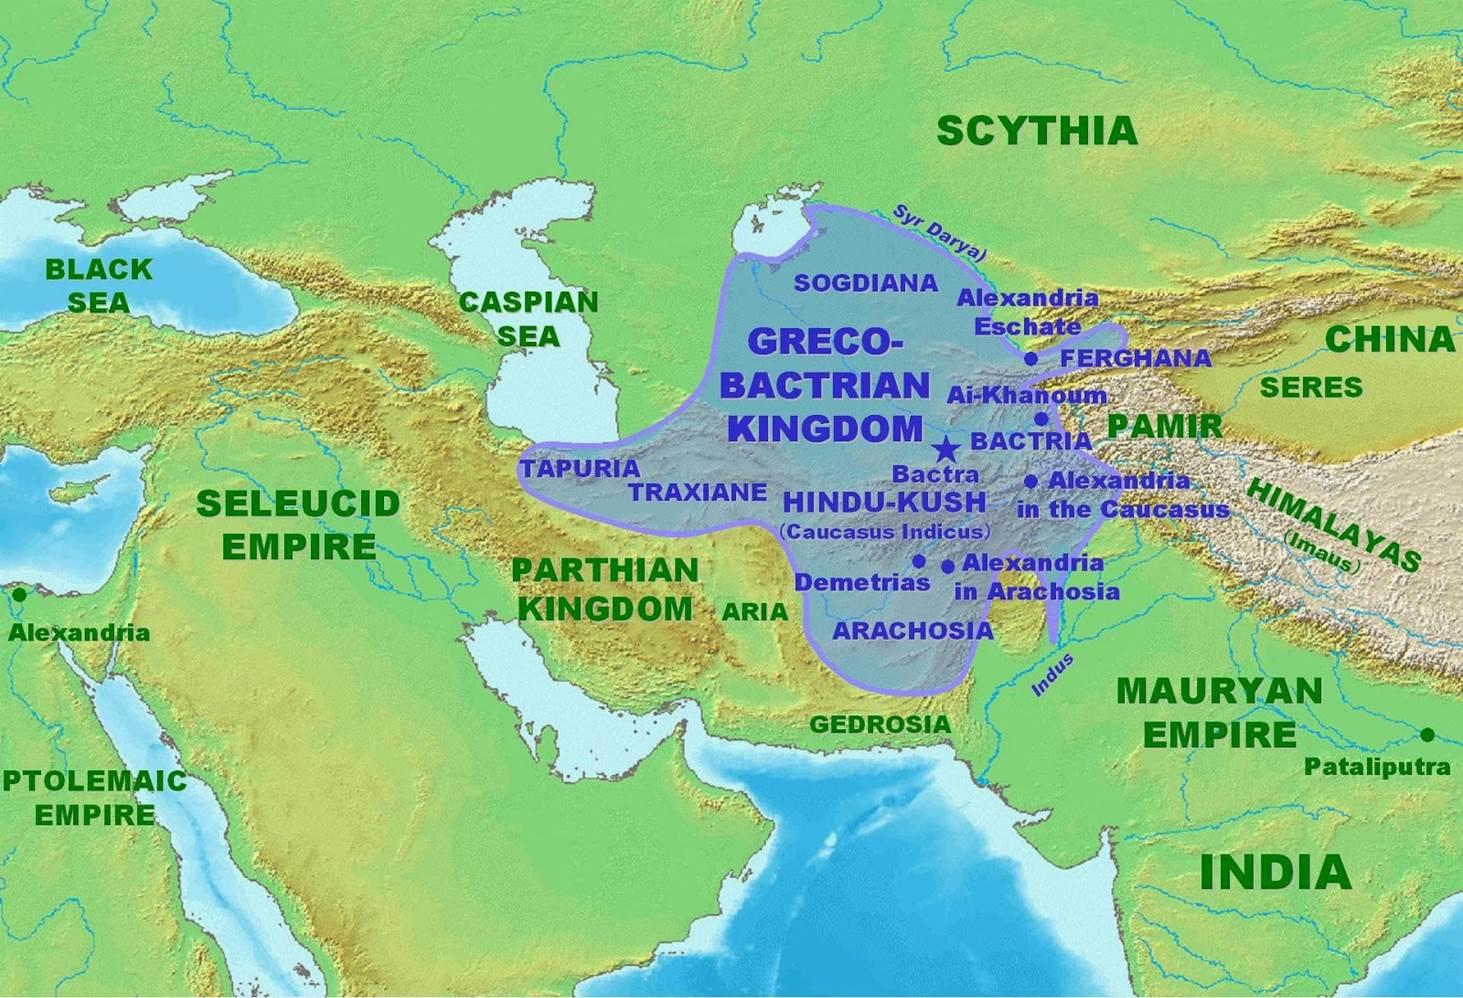 Βακτριανή: Το αρχαίο Ελληνικό κράτος στο Αφγανιστάν